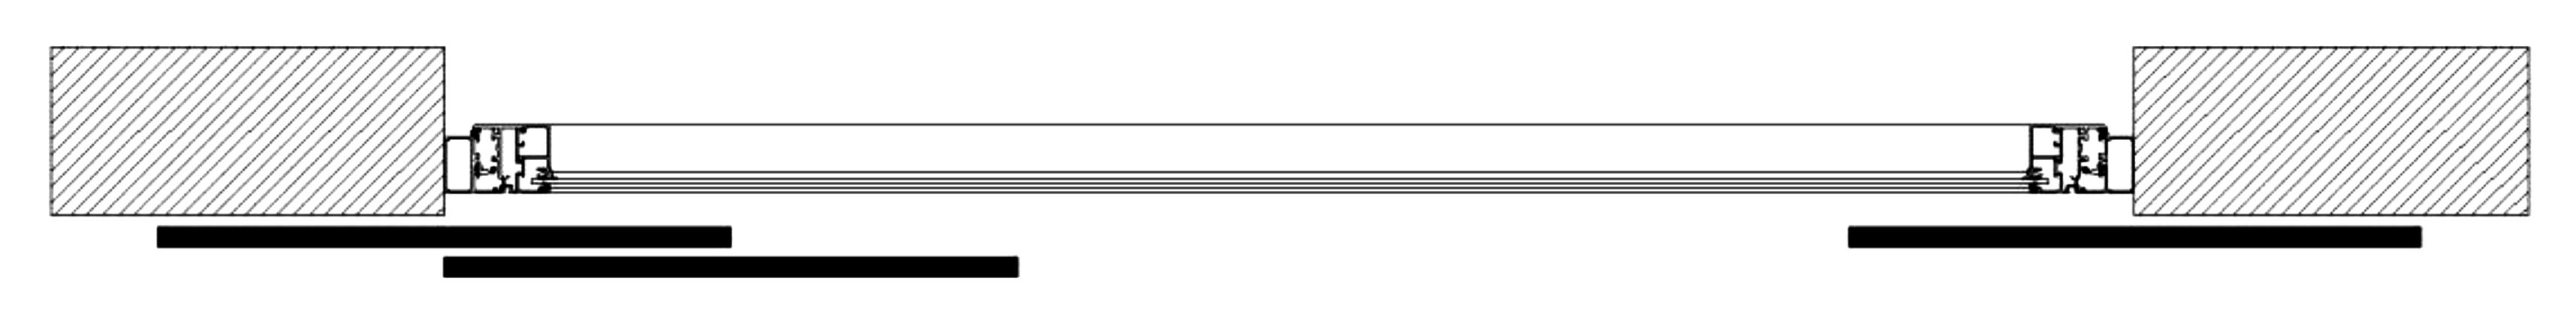 Sliding Shutters Division Diagram 3l2l1r